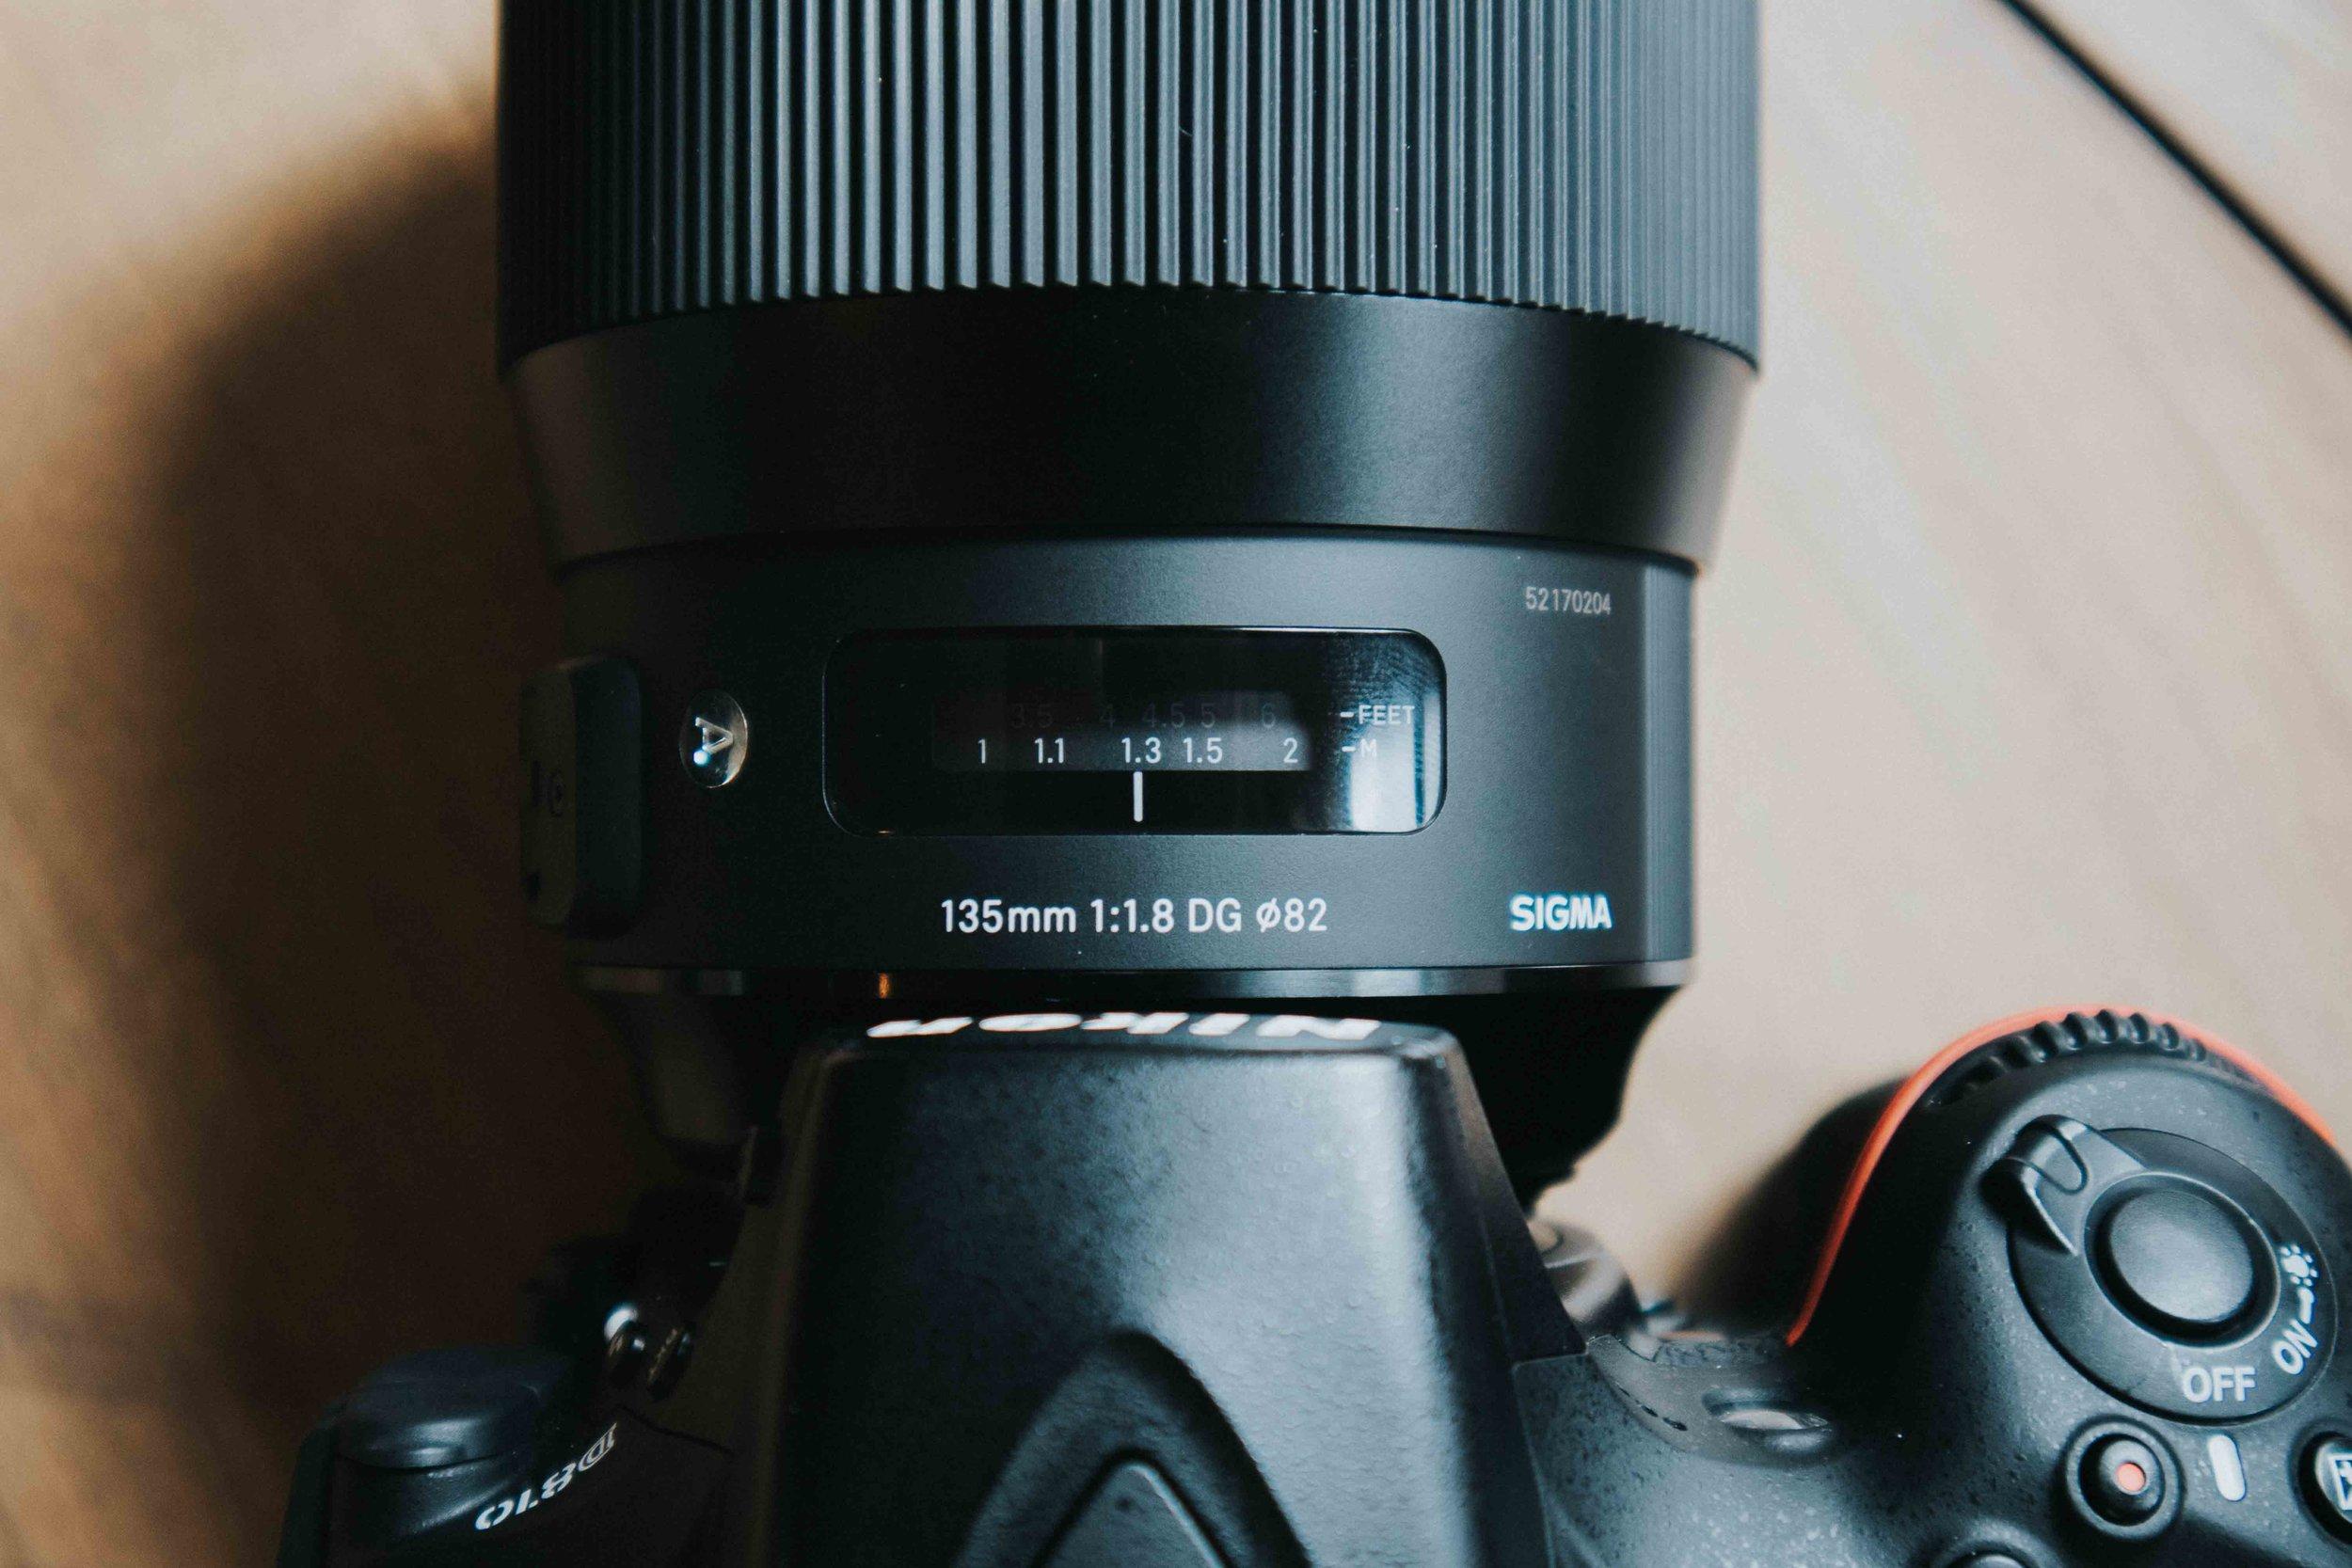 Sigma Art Lens Review